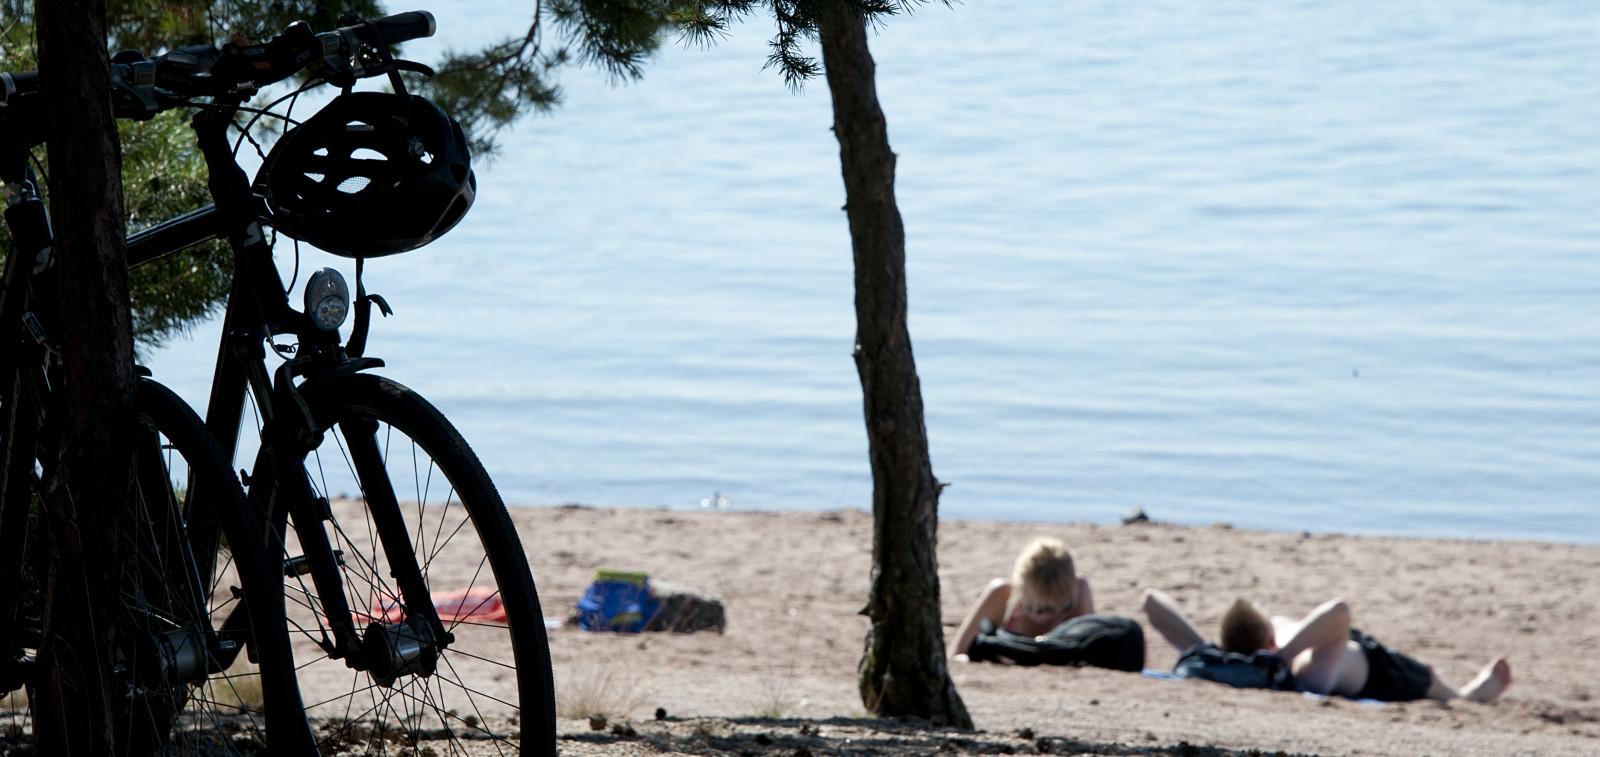 Ihmisiä uimarannalla ottamassa aurinkoa